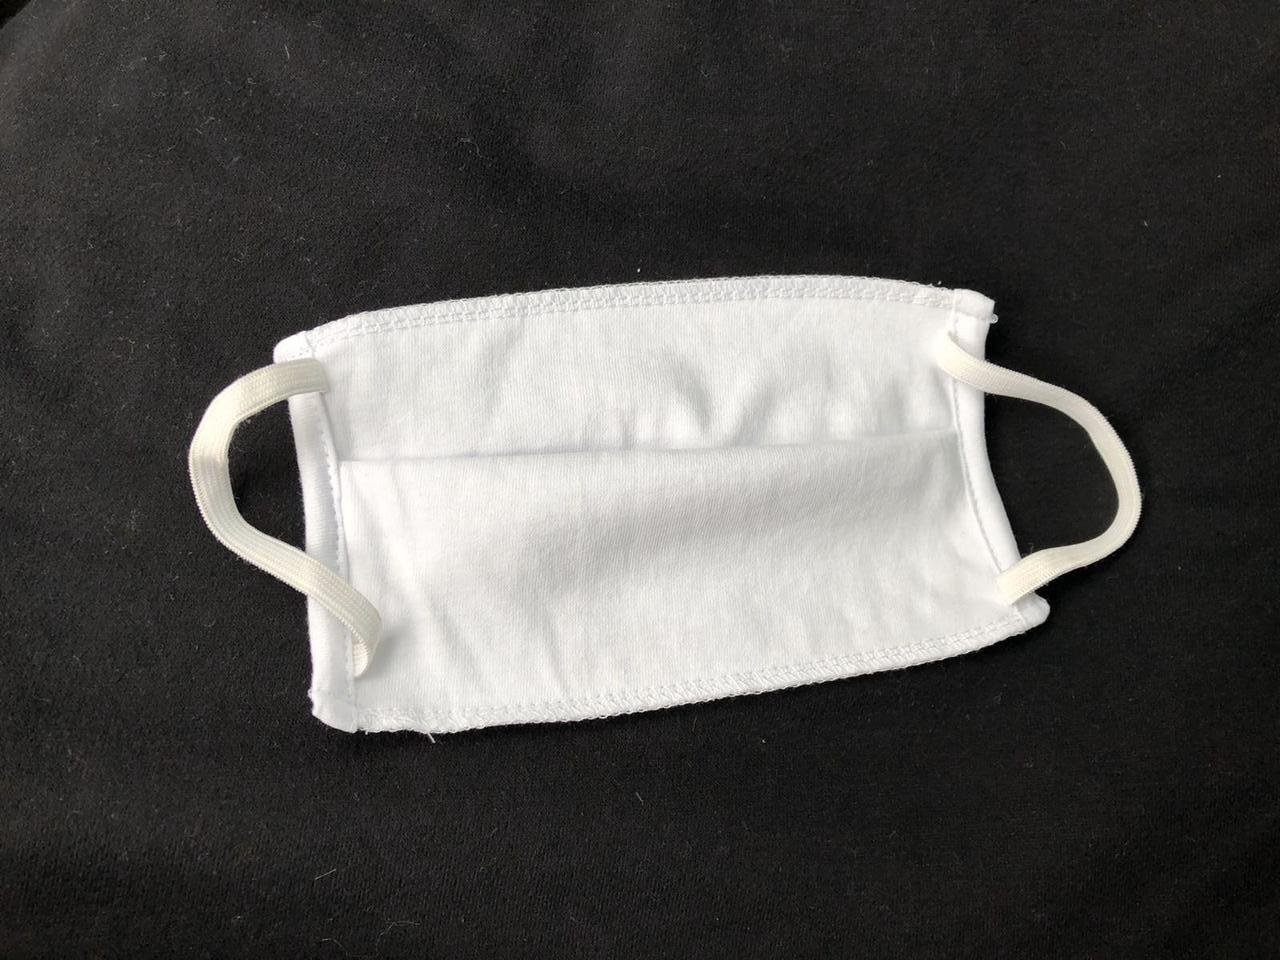 Многоразовая трехслойная защит. маска для лица на резинках трикотажная, белая